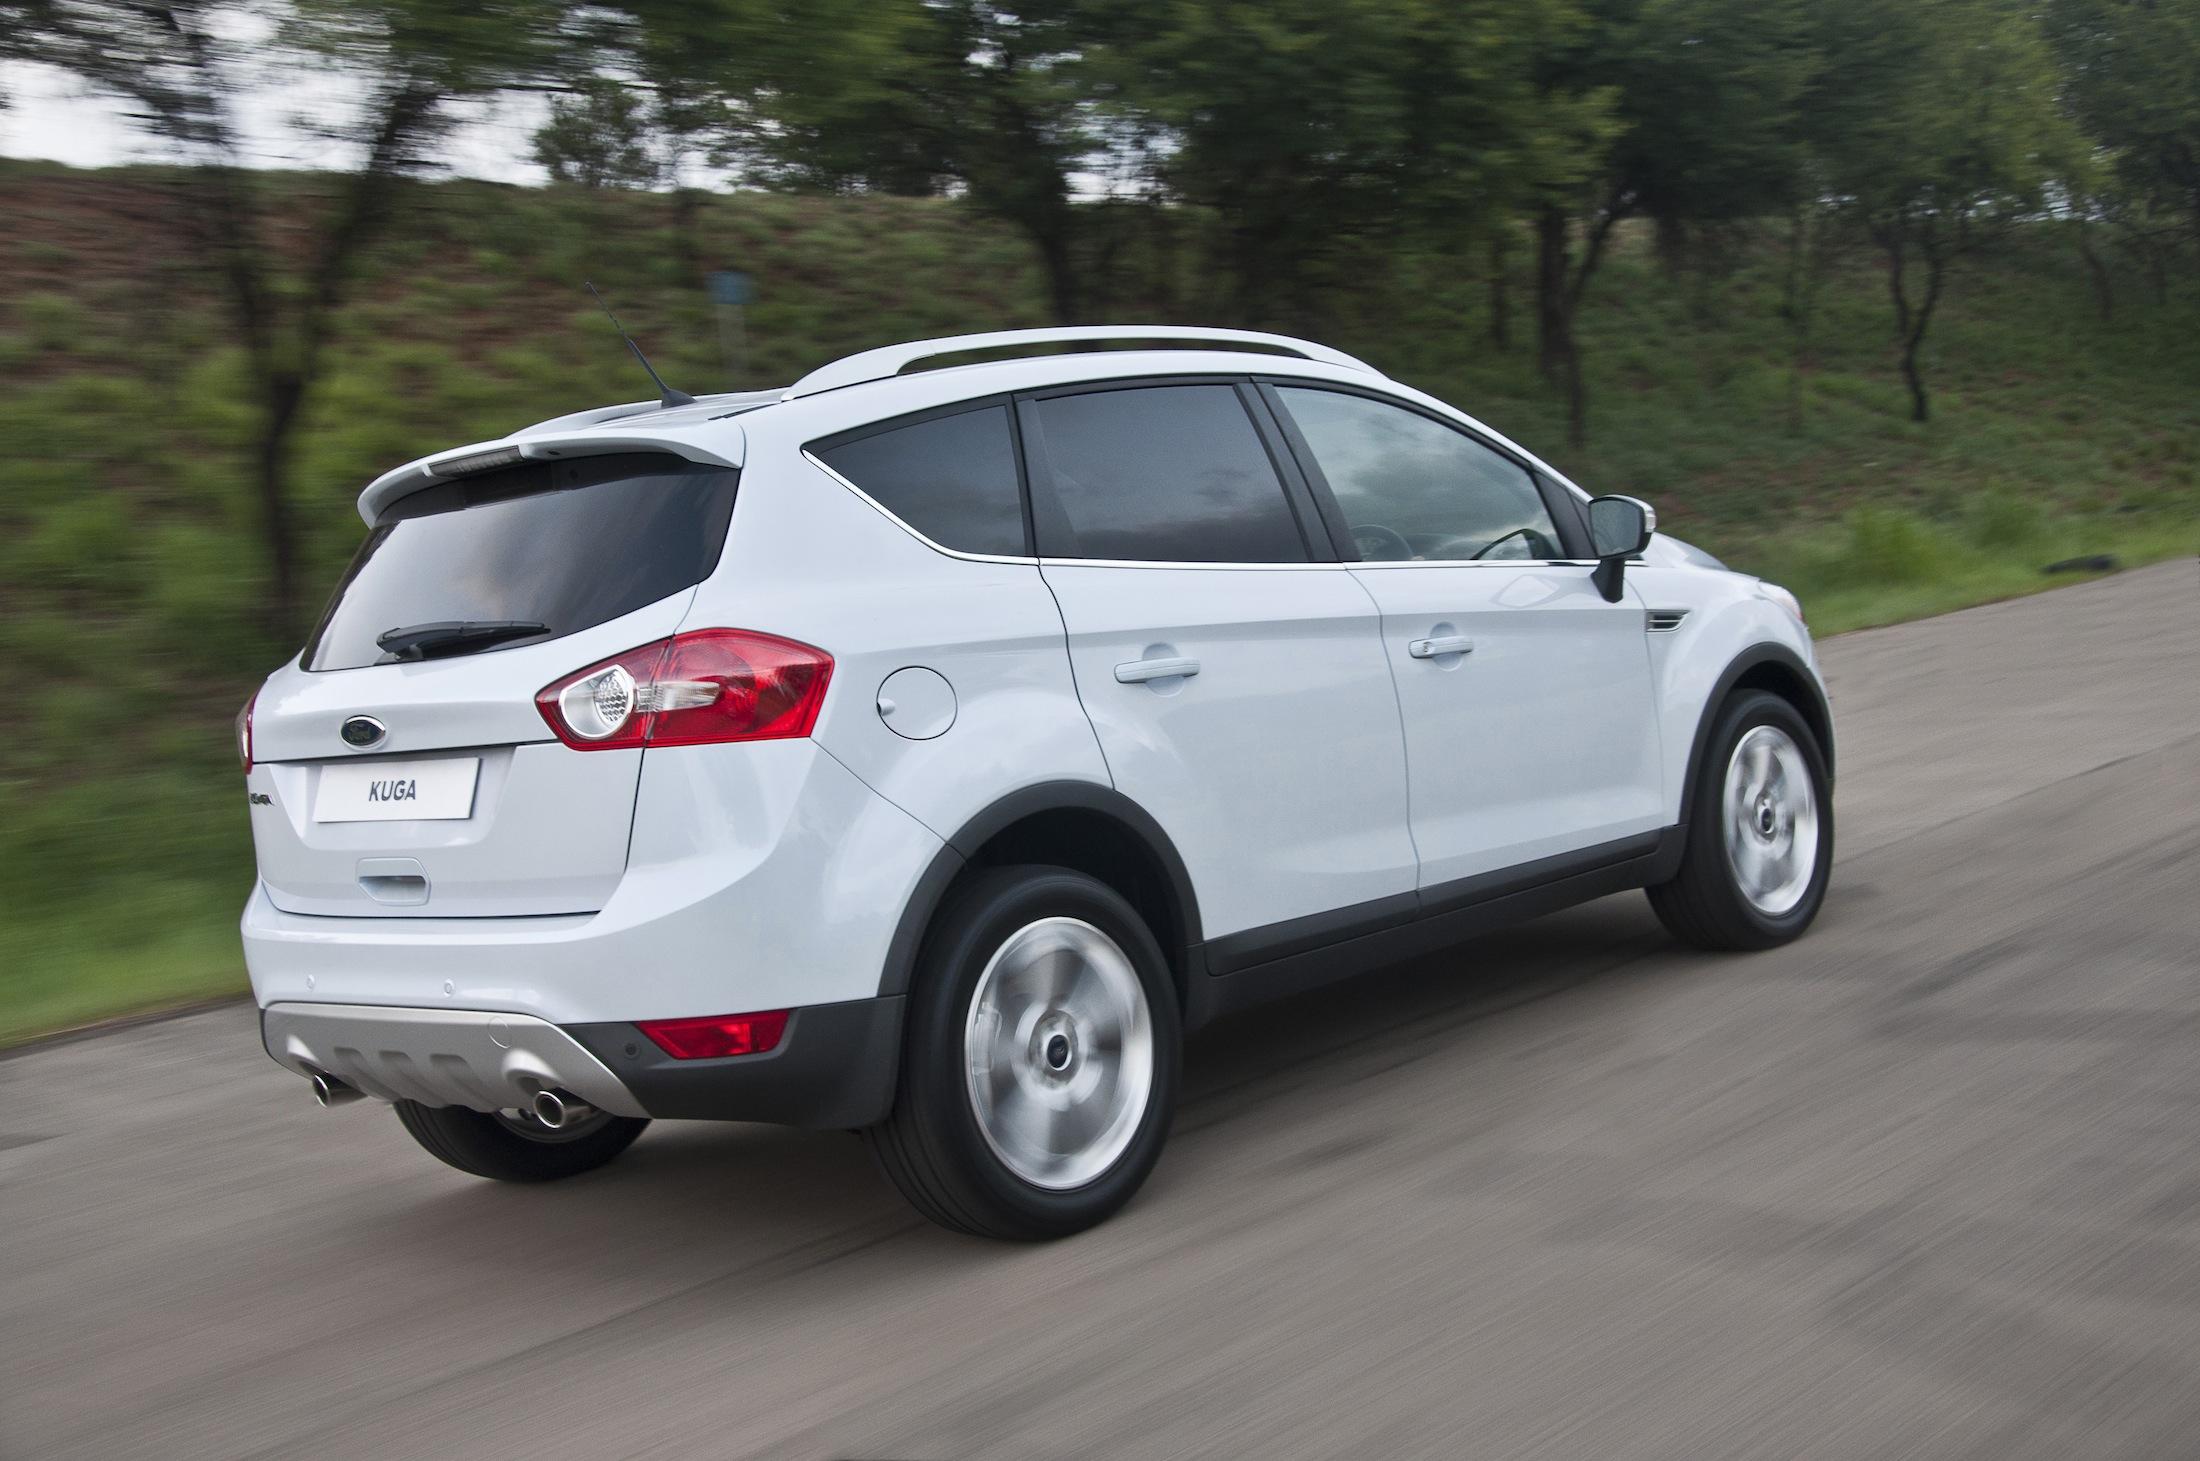 Ford Kuga Review - photos | CarAdvice